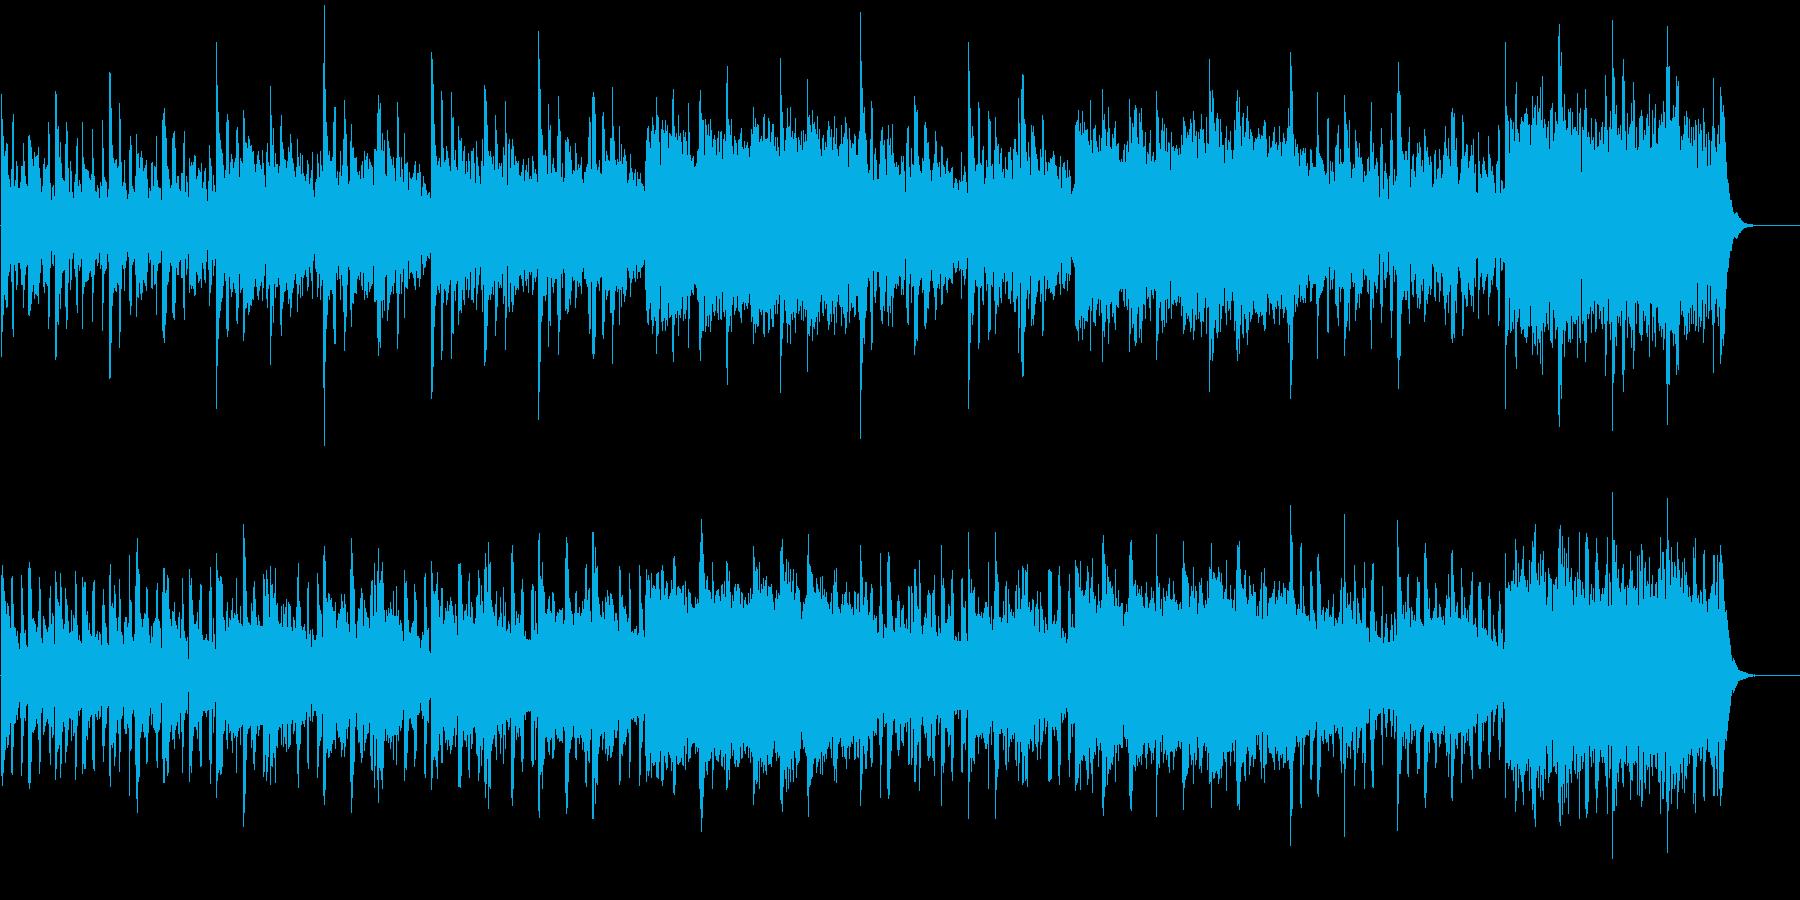 シンセサイザー、ピアノ、ベース、パ...の再生済みの波形